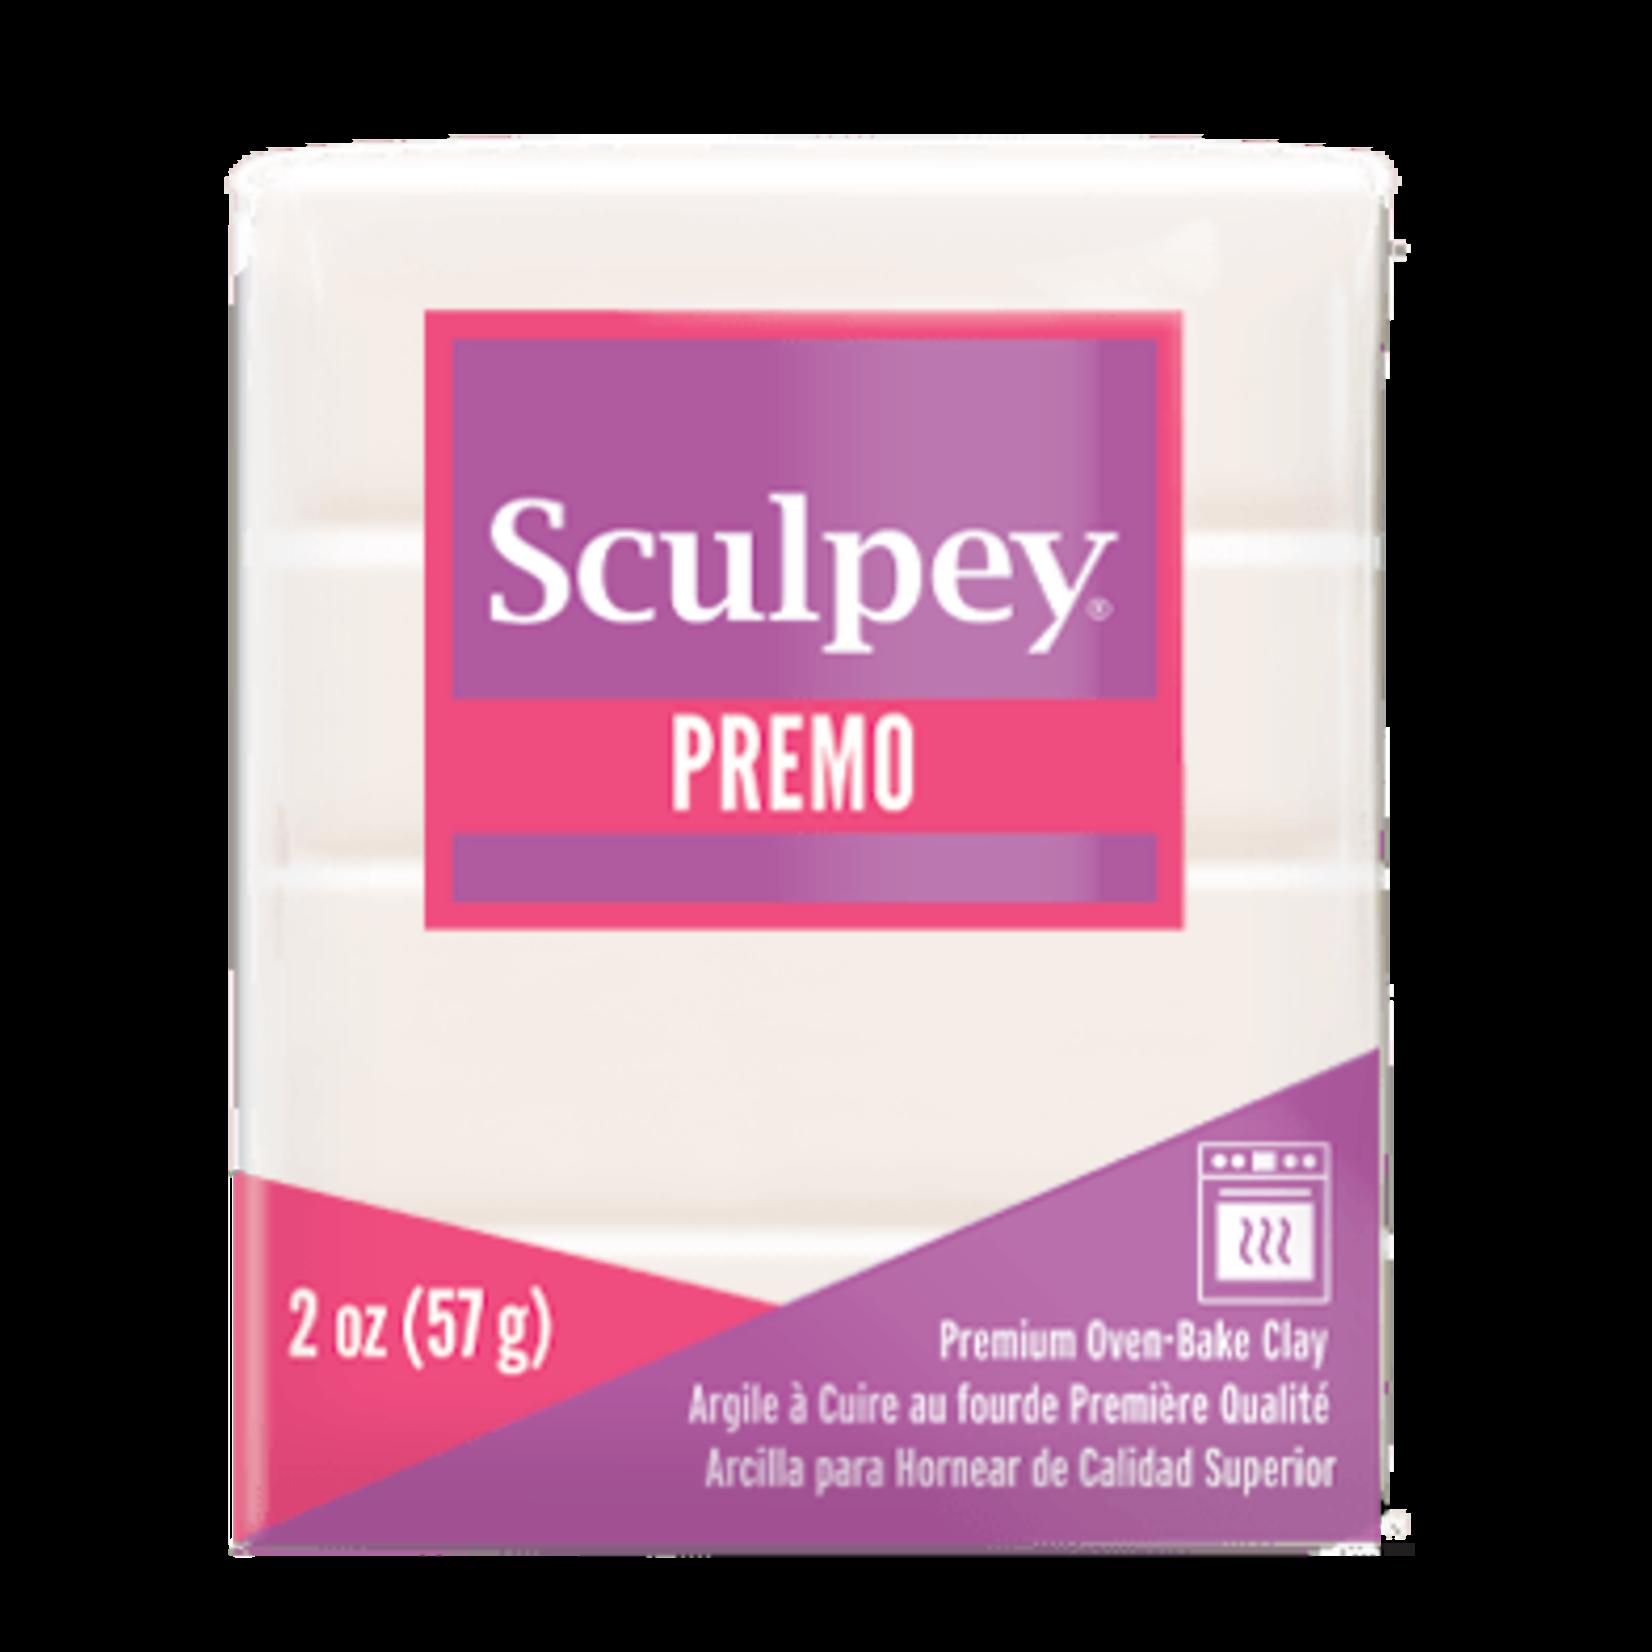 Sculpey Sculpey Premo   -- White Translucent